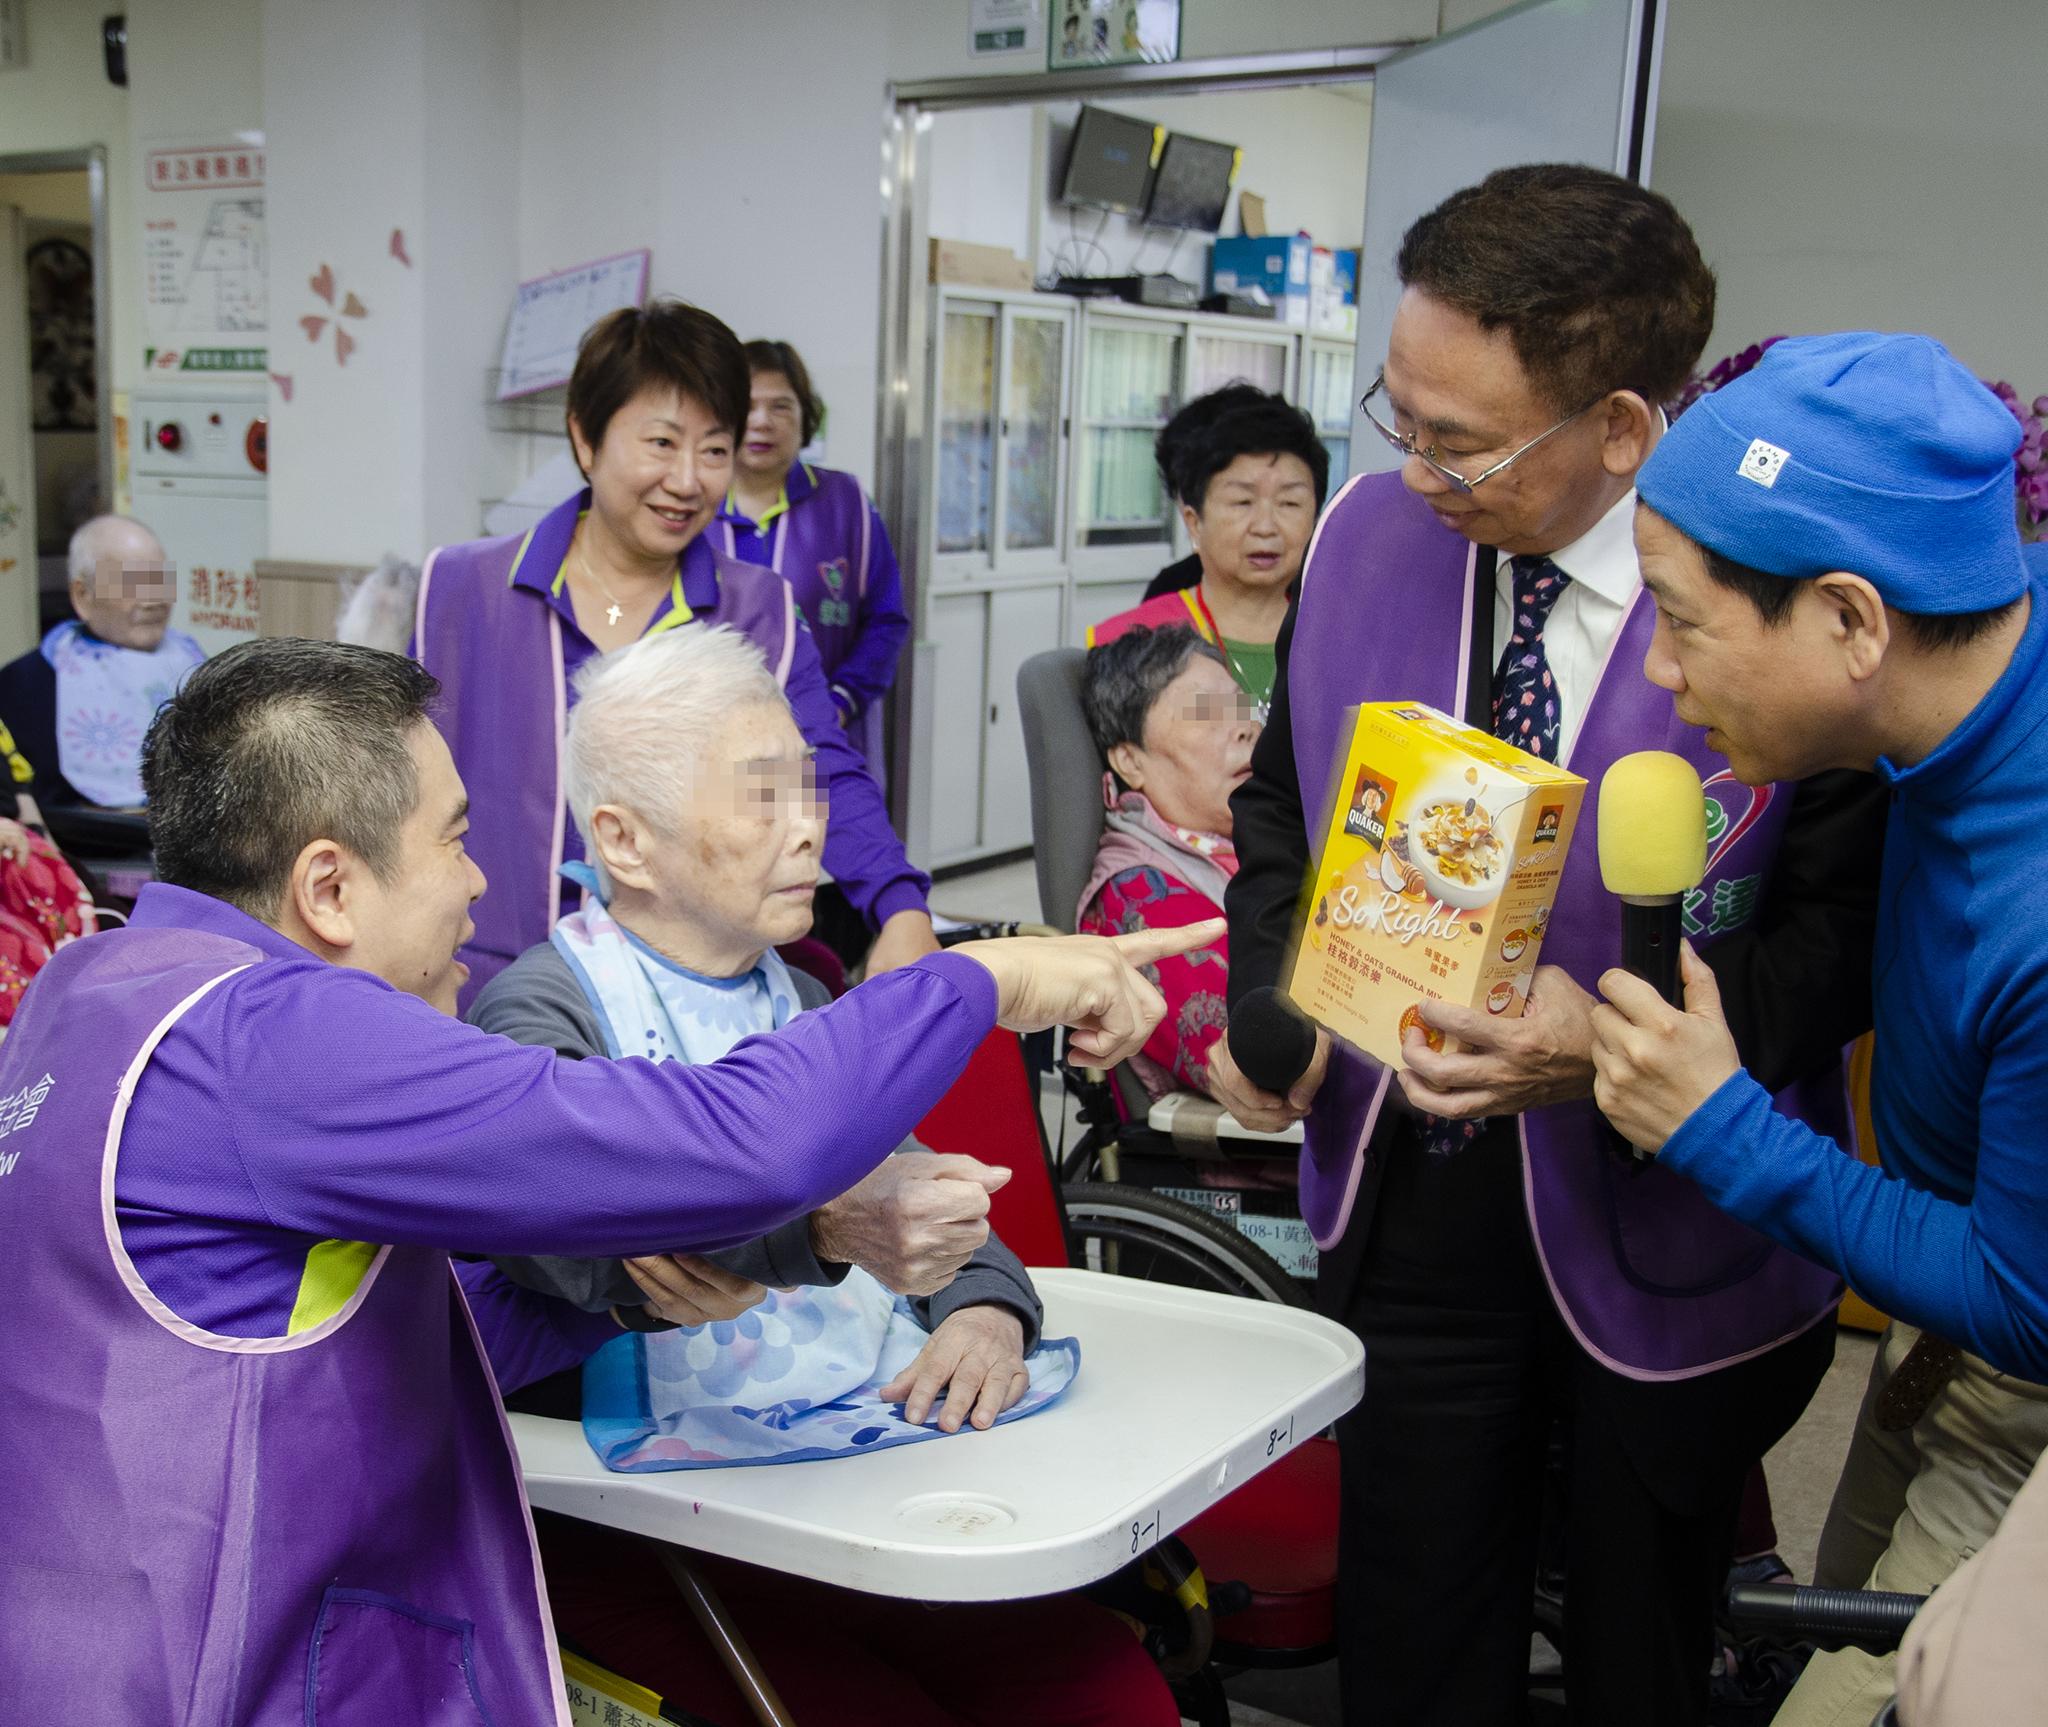 永達志工與主持人陳凱倫幫助長輩回答正確答案贏得獎品。